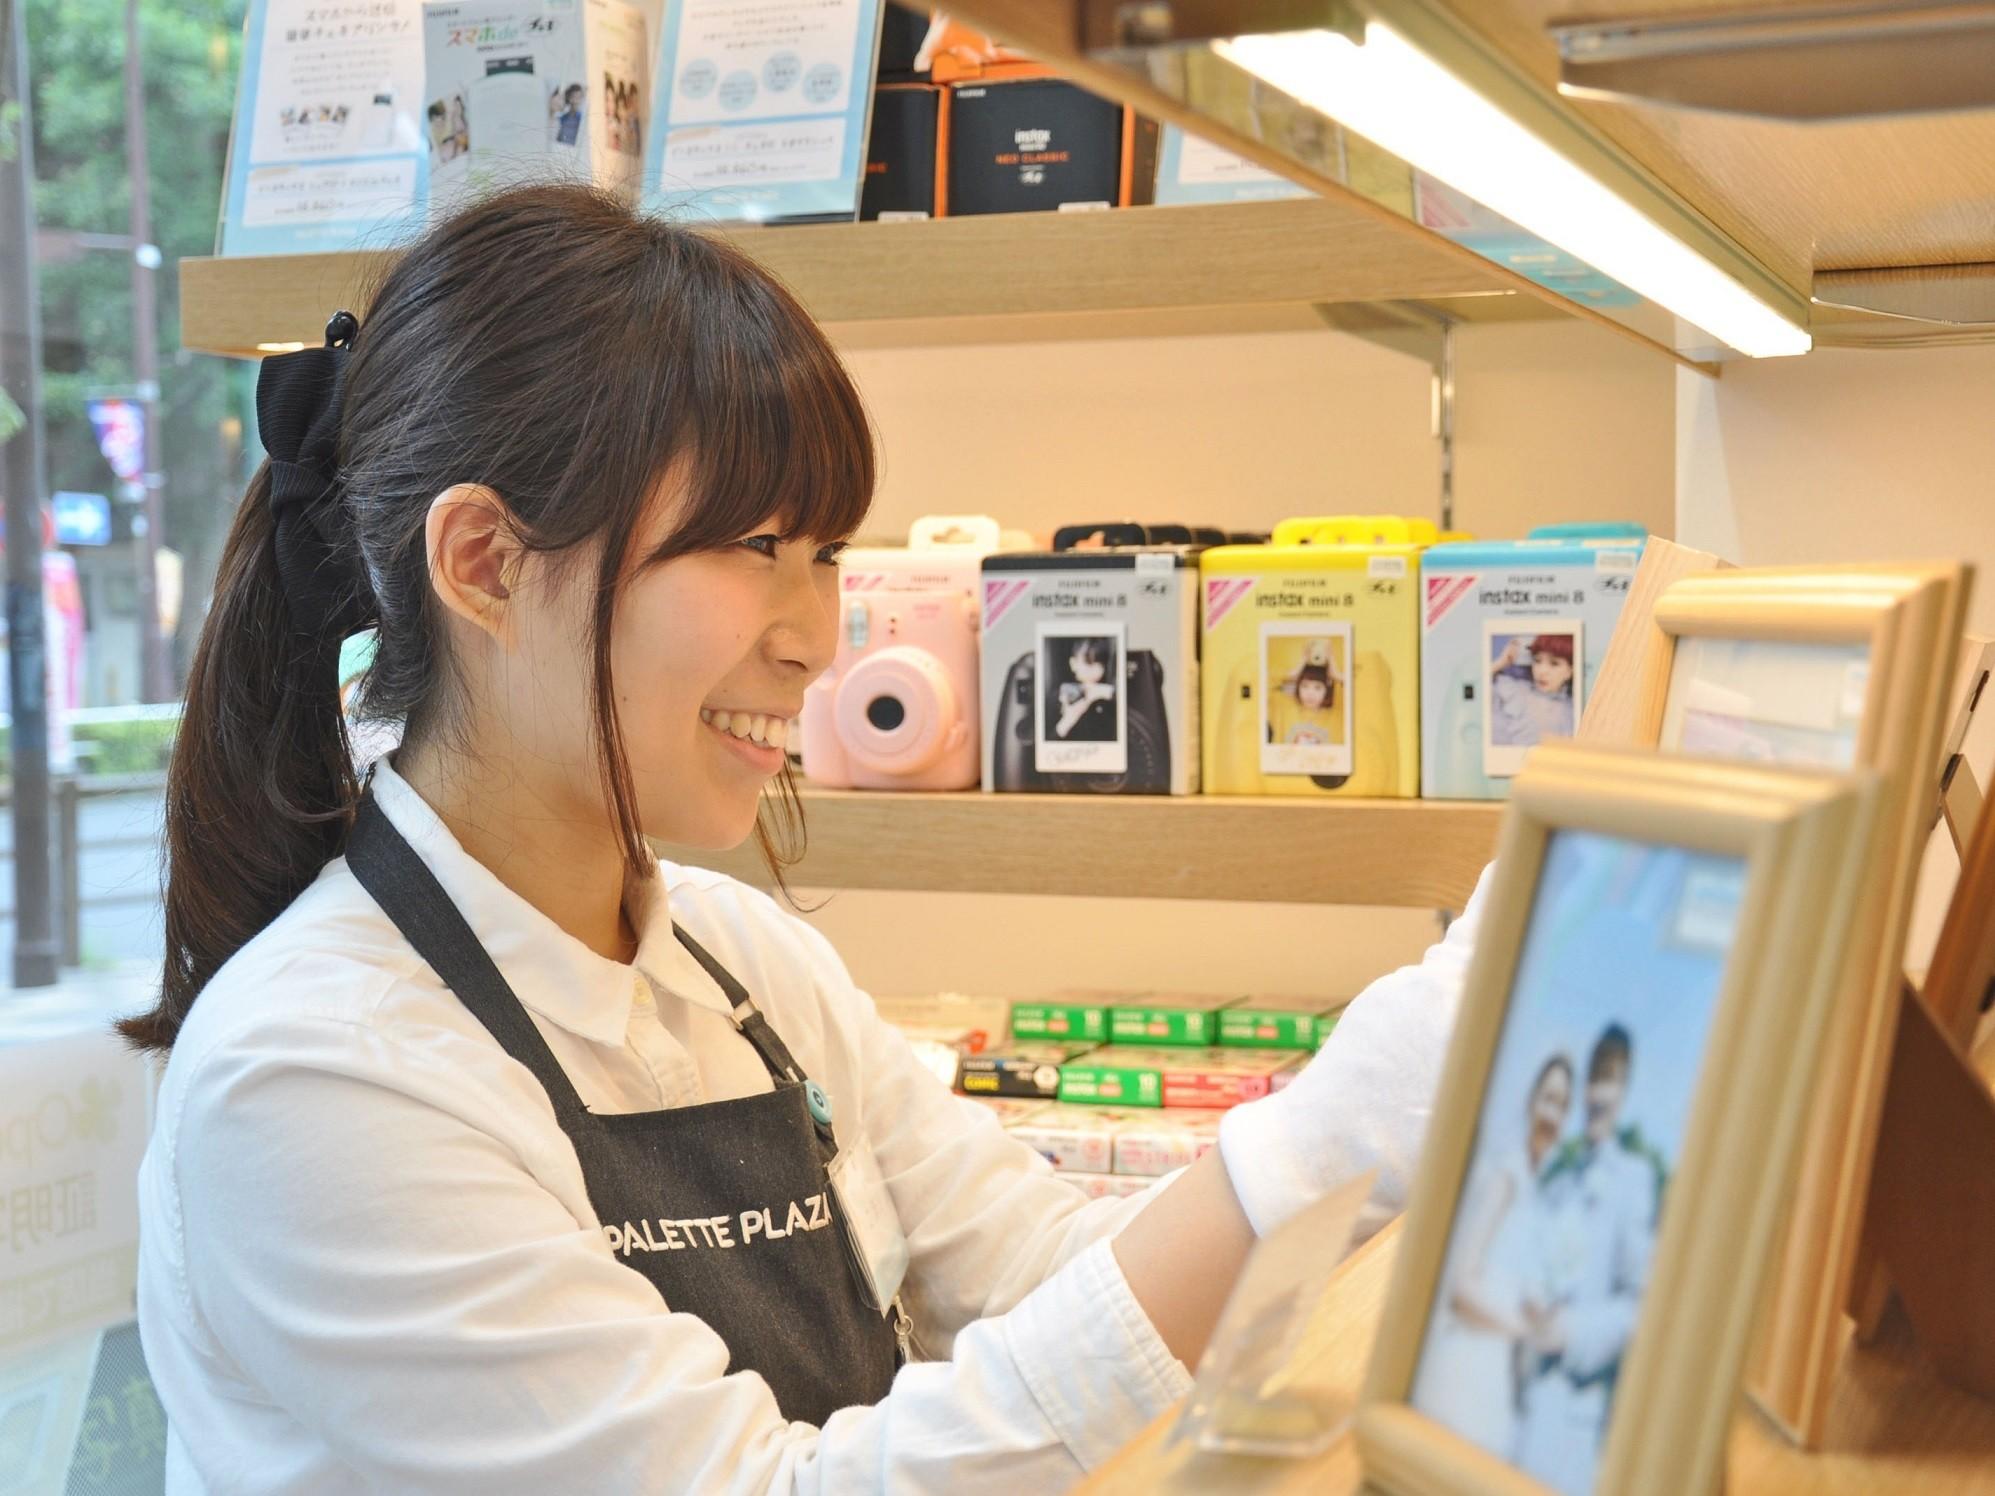 パレットプラザ 西友長崎駅店のアルバイト情報